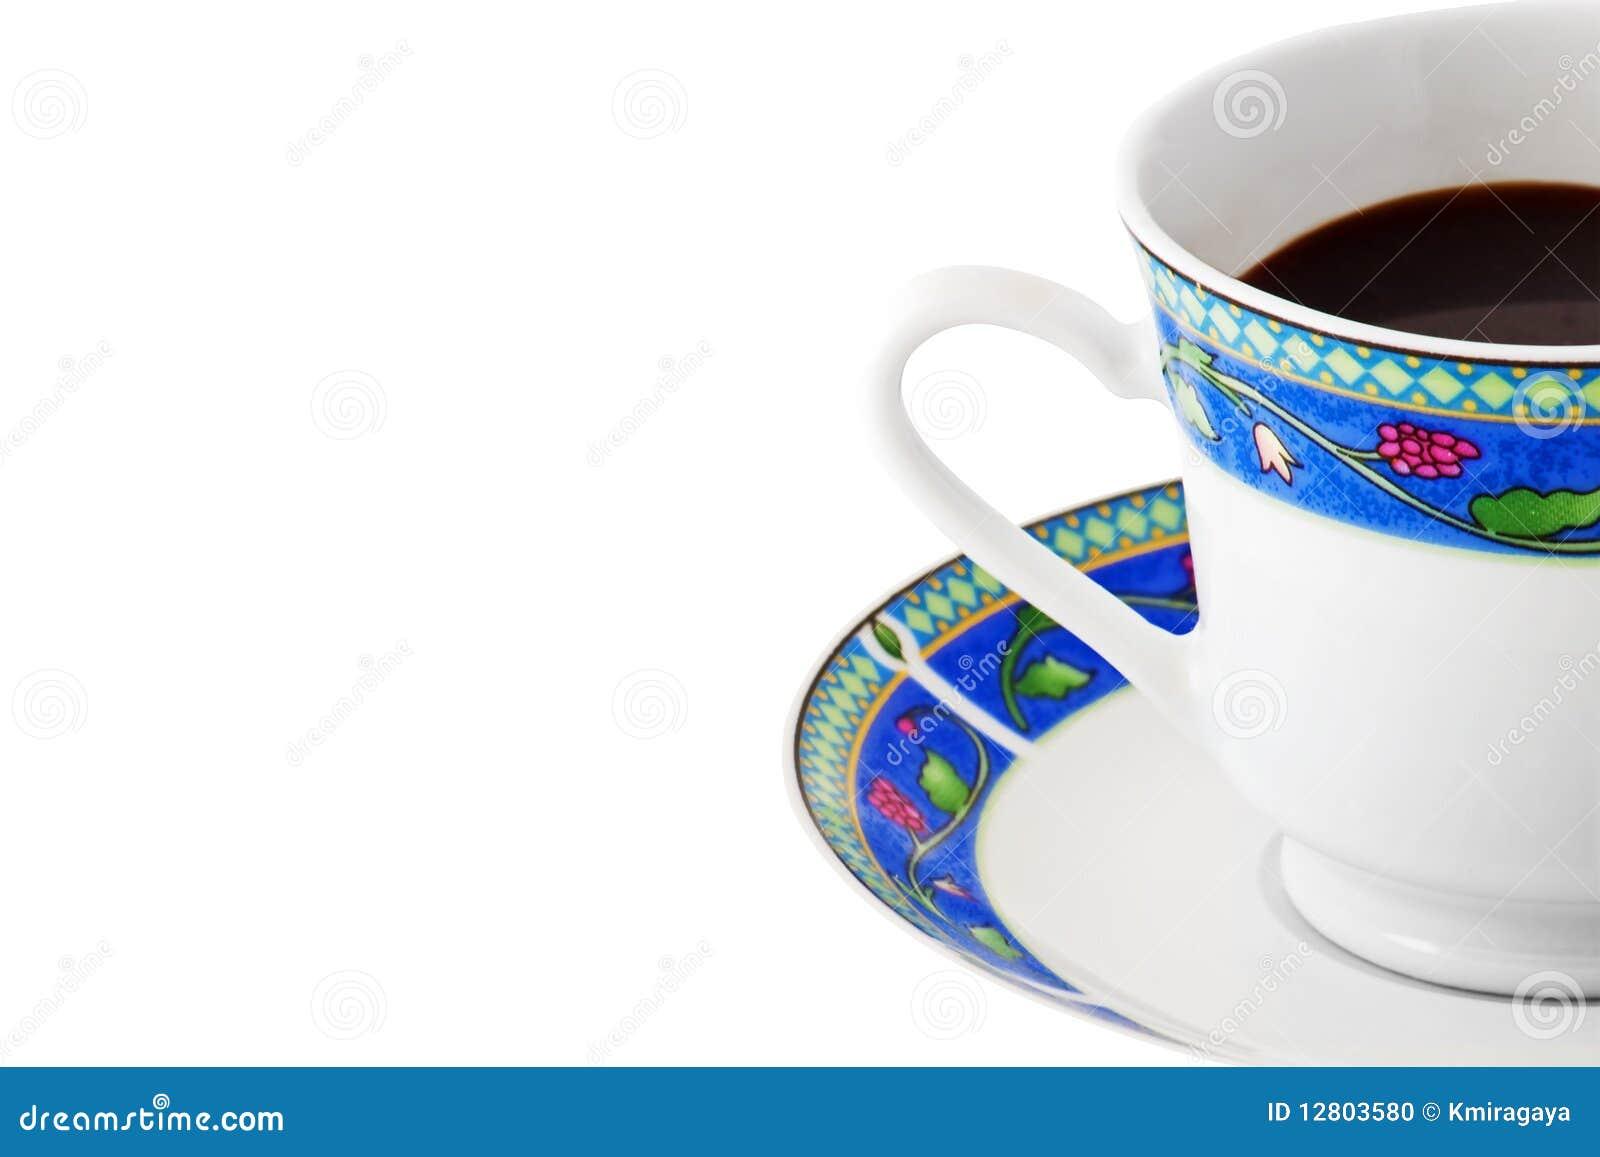 Chávena de café em uma placa colorida no branco